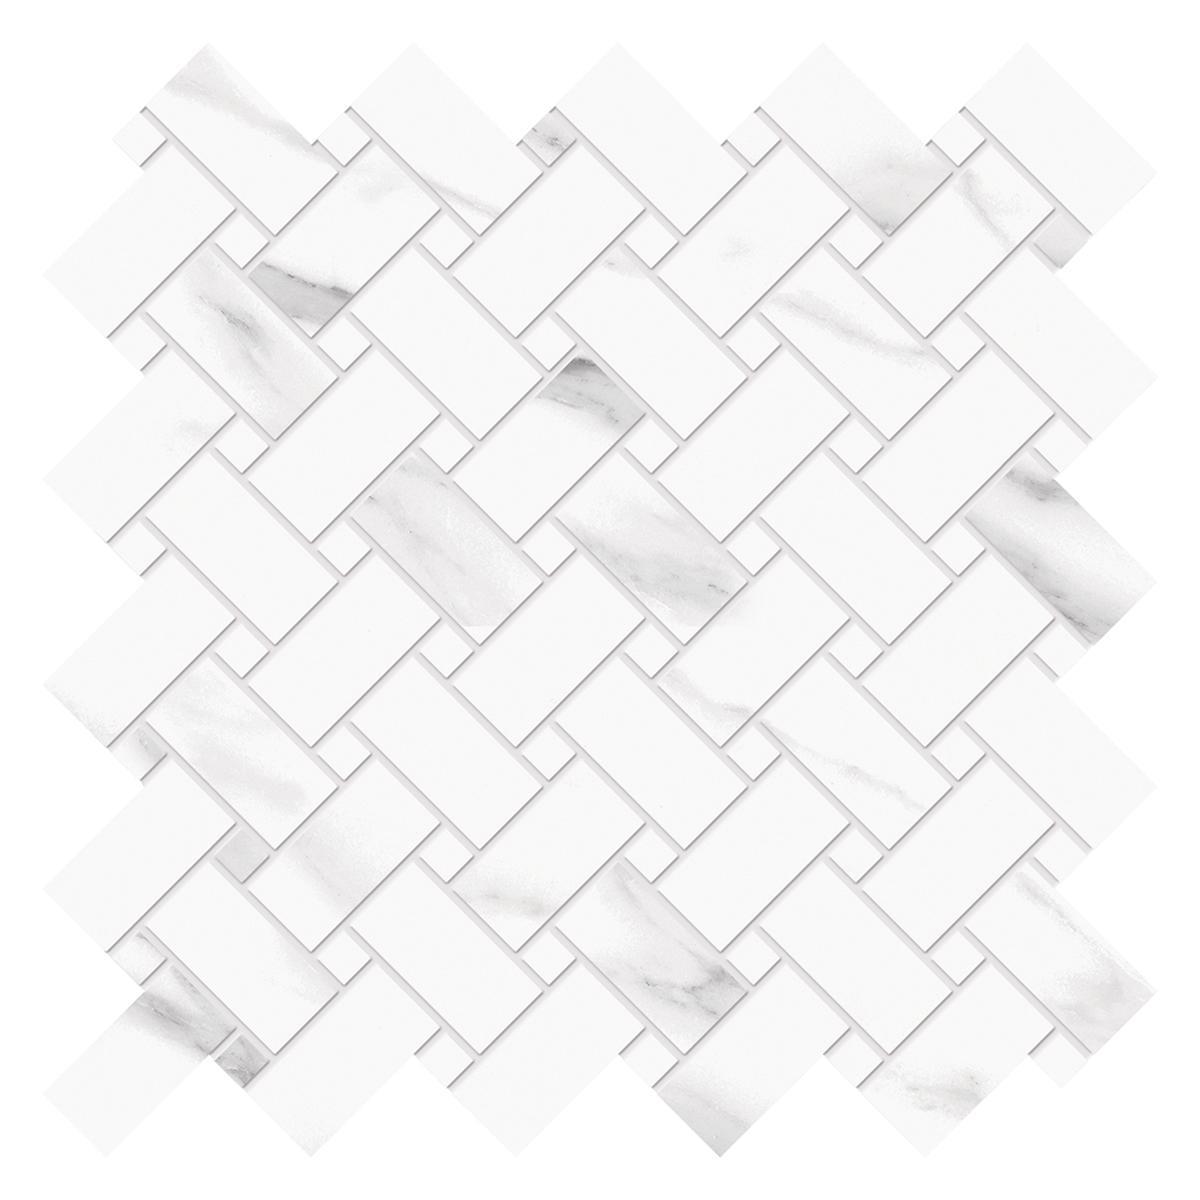 Mosaico Tele Di Marmo Trama Blanco/Gris Brillante - 31.9X28.3 cm - 1 pza